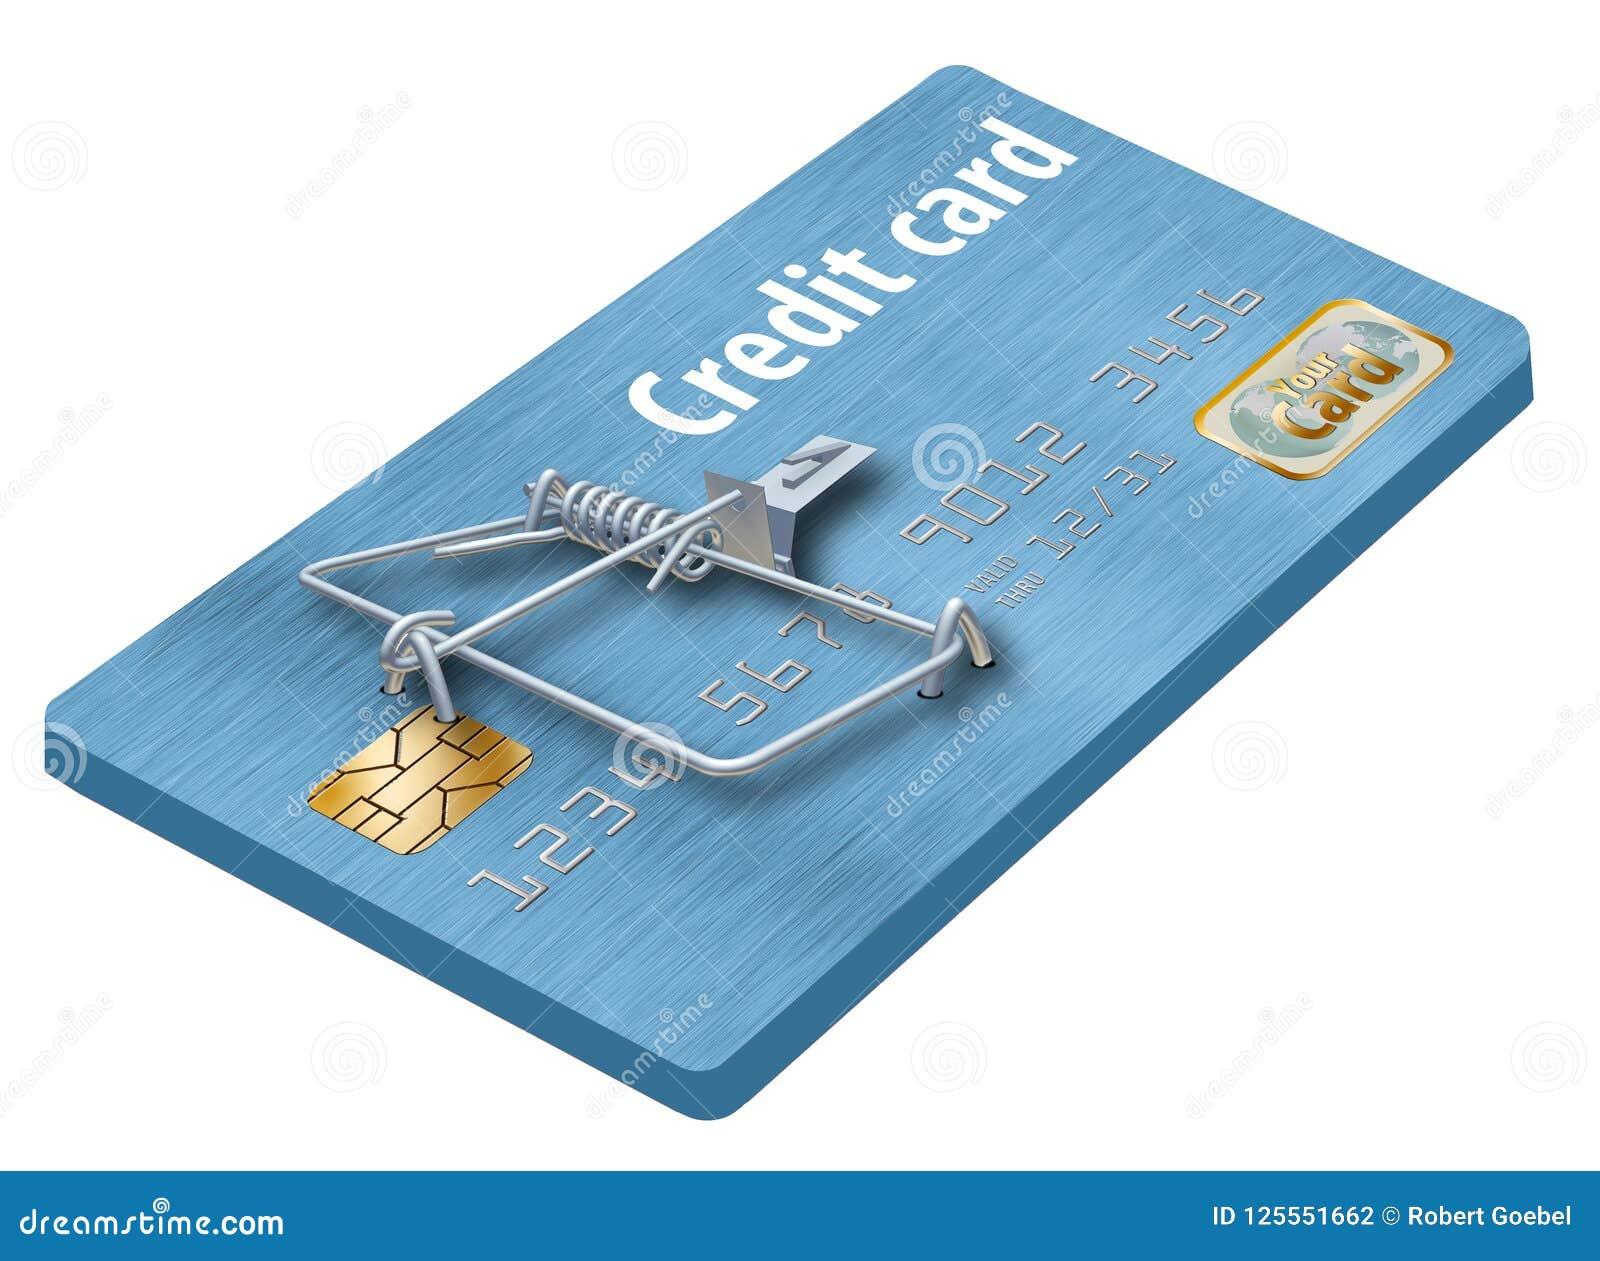 Evite las trampas de la tarjeta de crédito, como ésta que parece una tarjeta de crédito dada vuelta en una ratonera